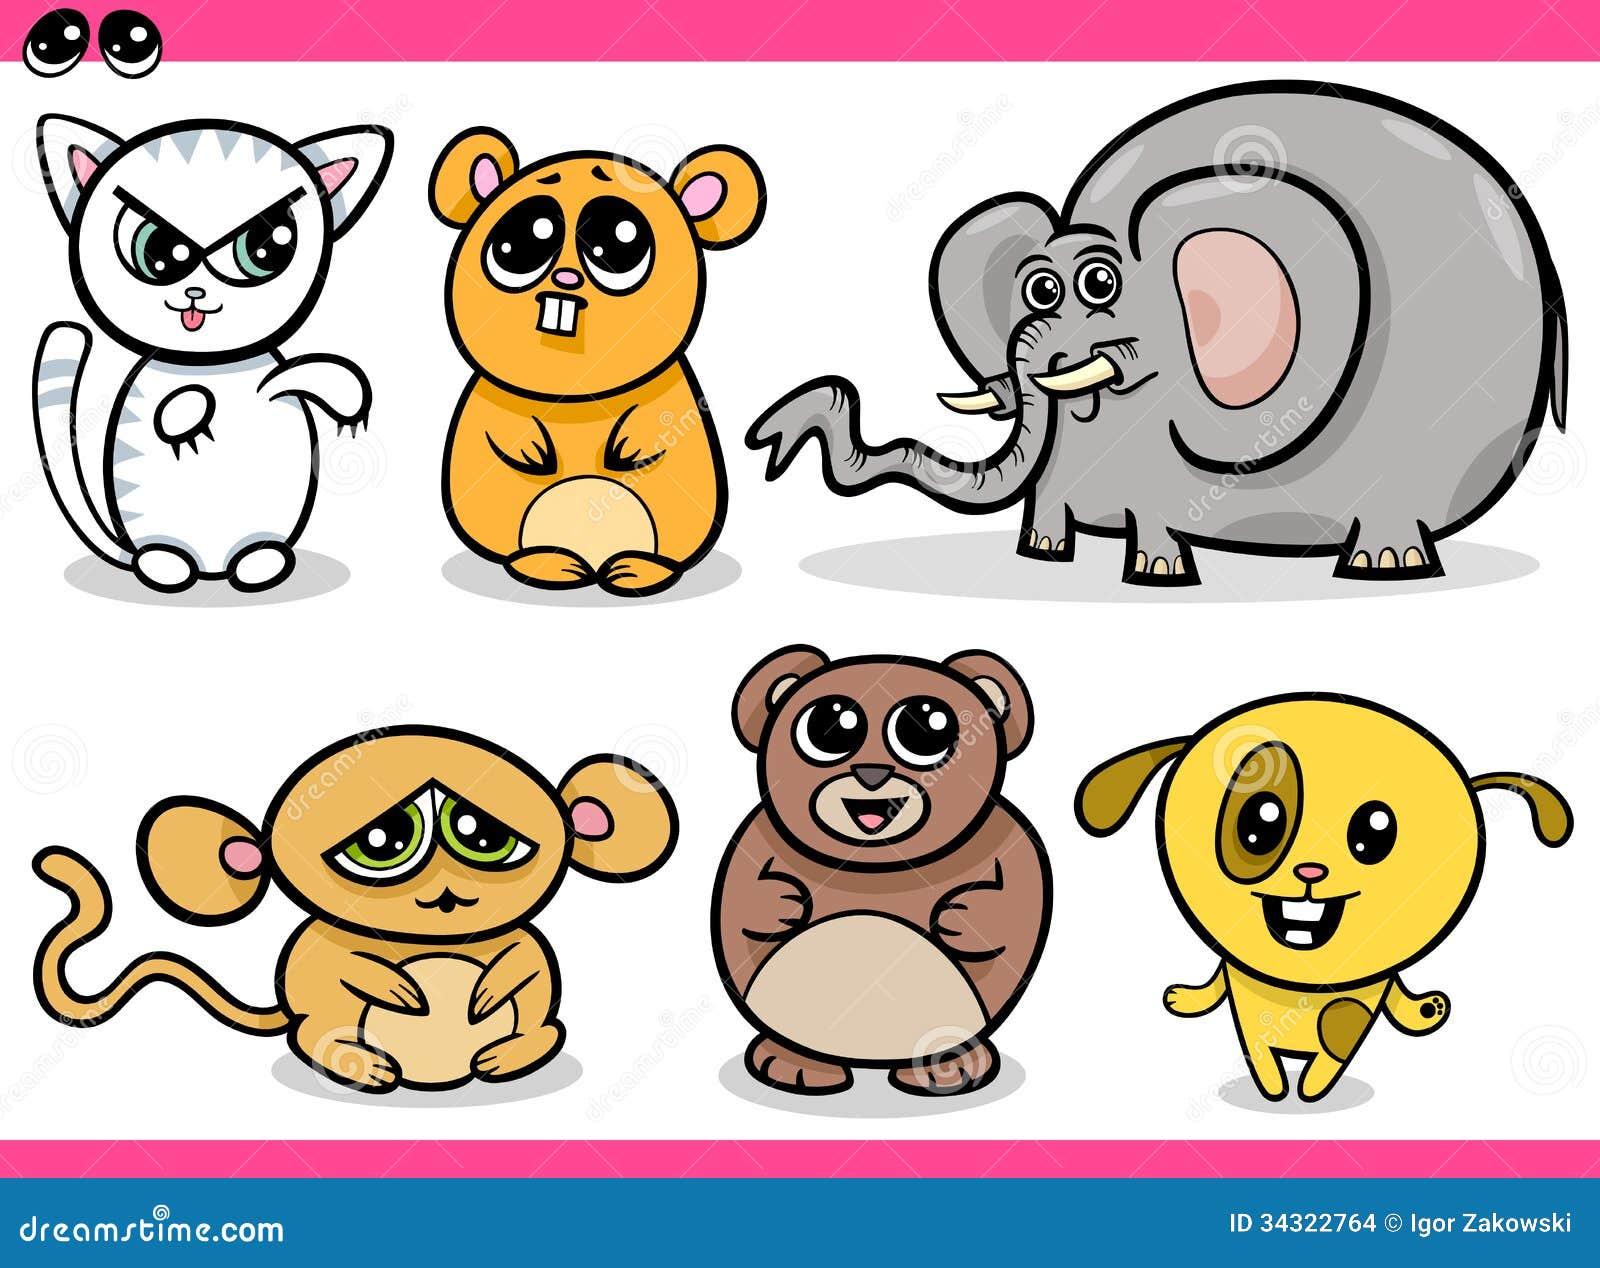 Cute Kawaii Animals Cartoons Stock Images